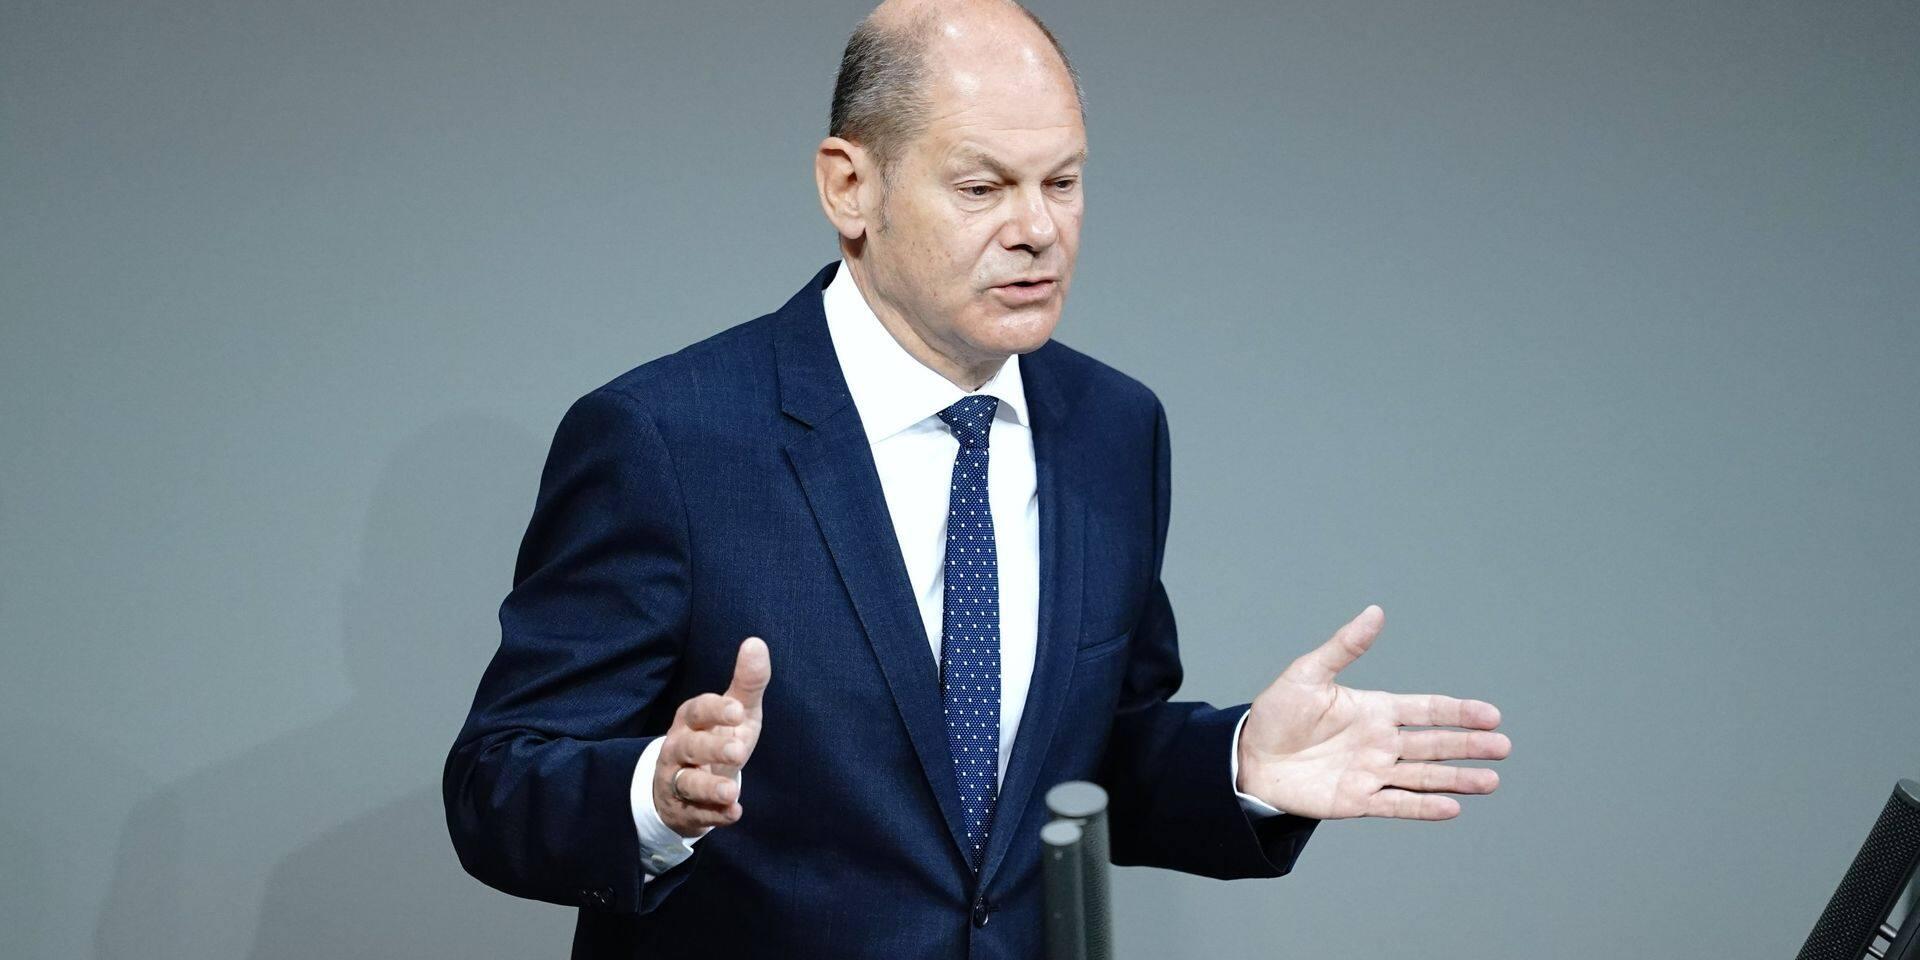 Plan de relance de l'UE : accord politique des 27 sur un important pilier du plan européen